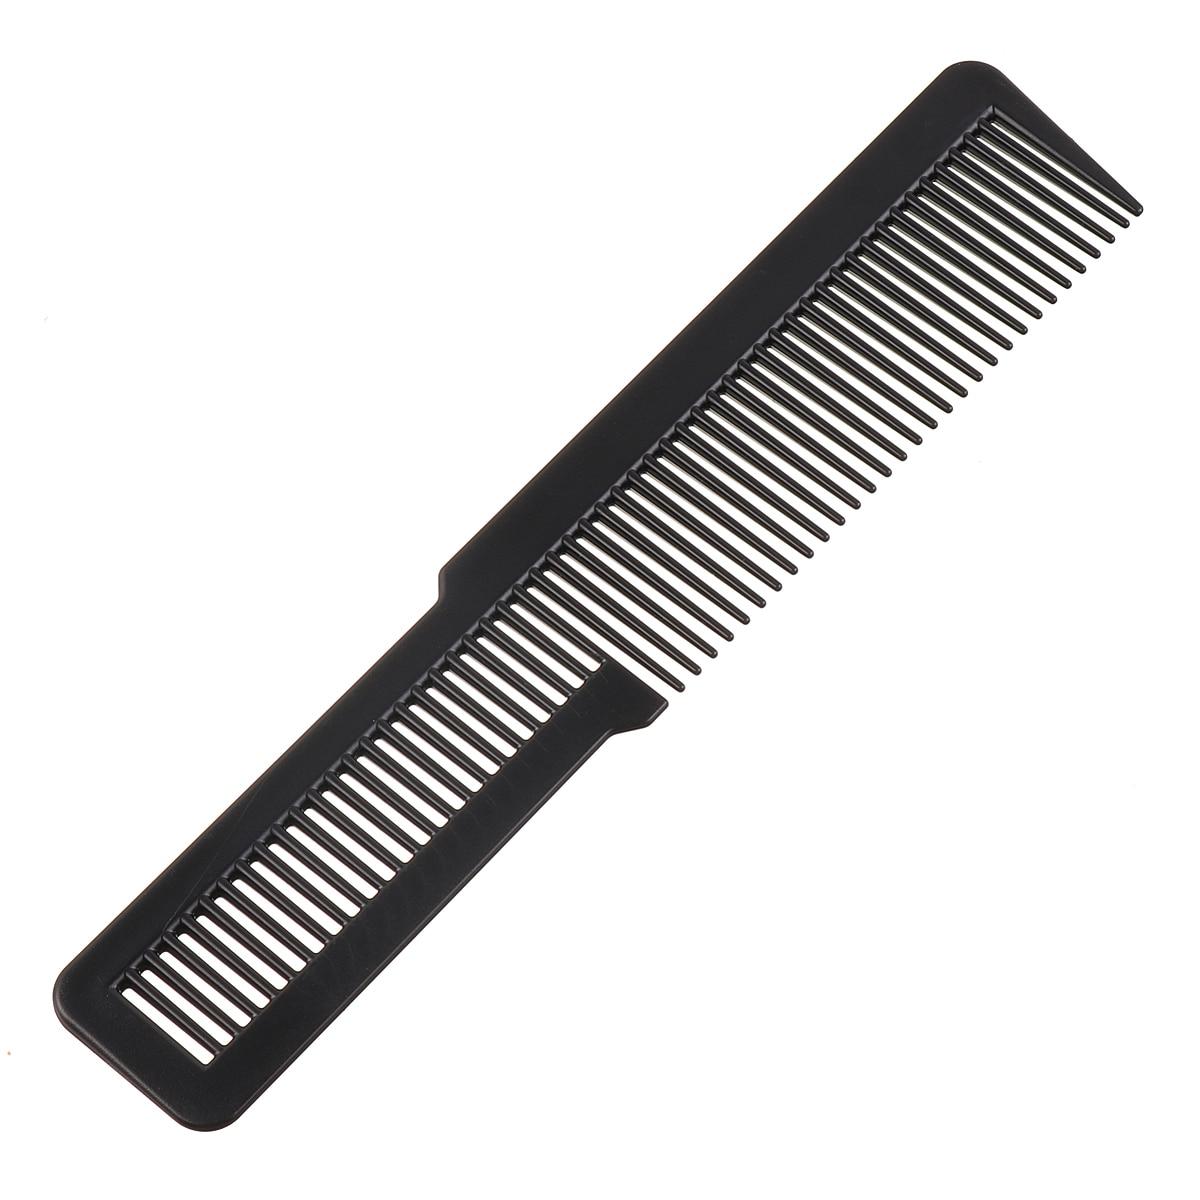 1 stück Pro Salon Hairdressing Kunststoff Haarschneidemaschine Kamm Neue Design Langlebig Salon Haar Trimmen Kamm Friseursalon Werkzeug